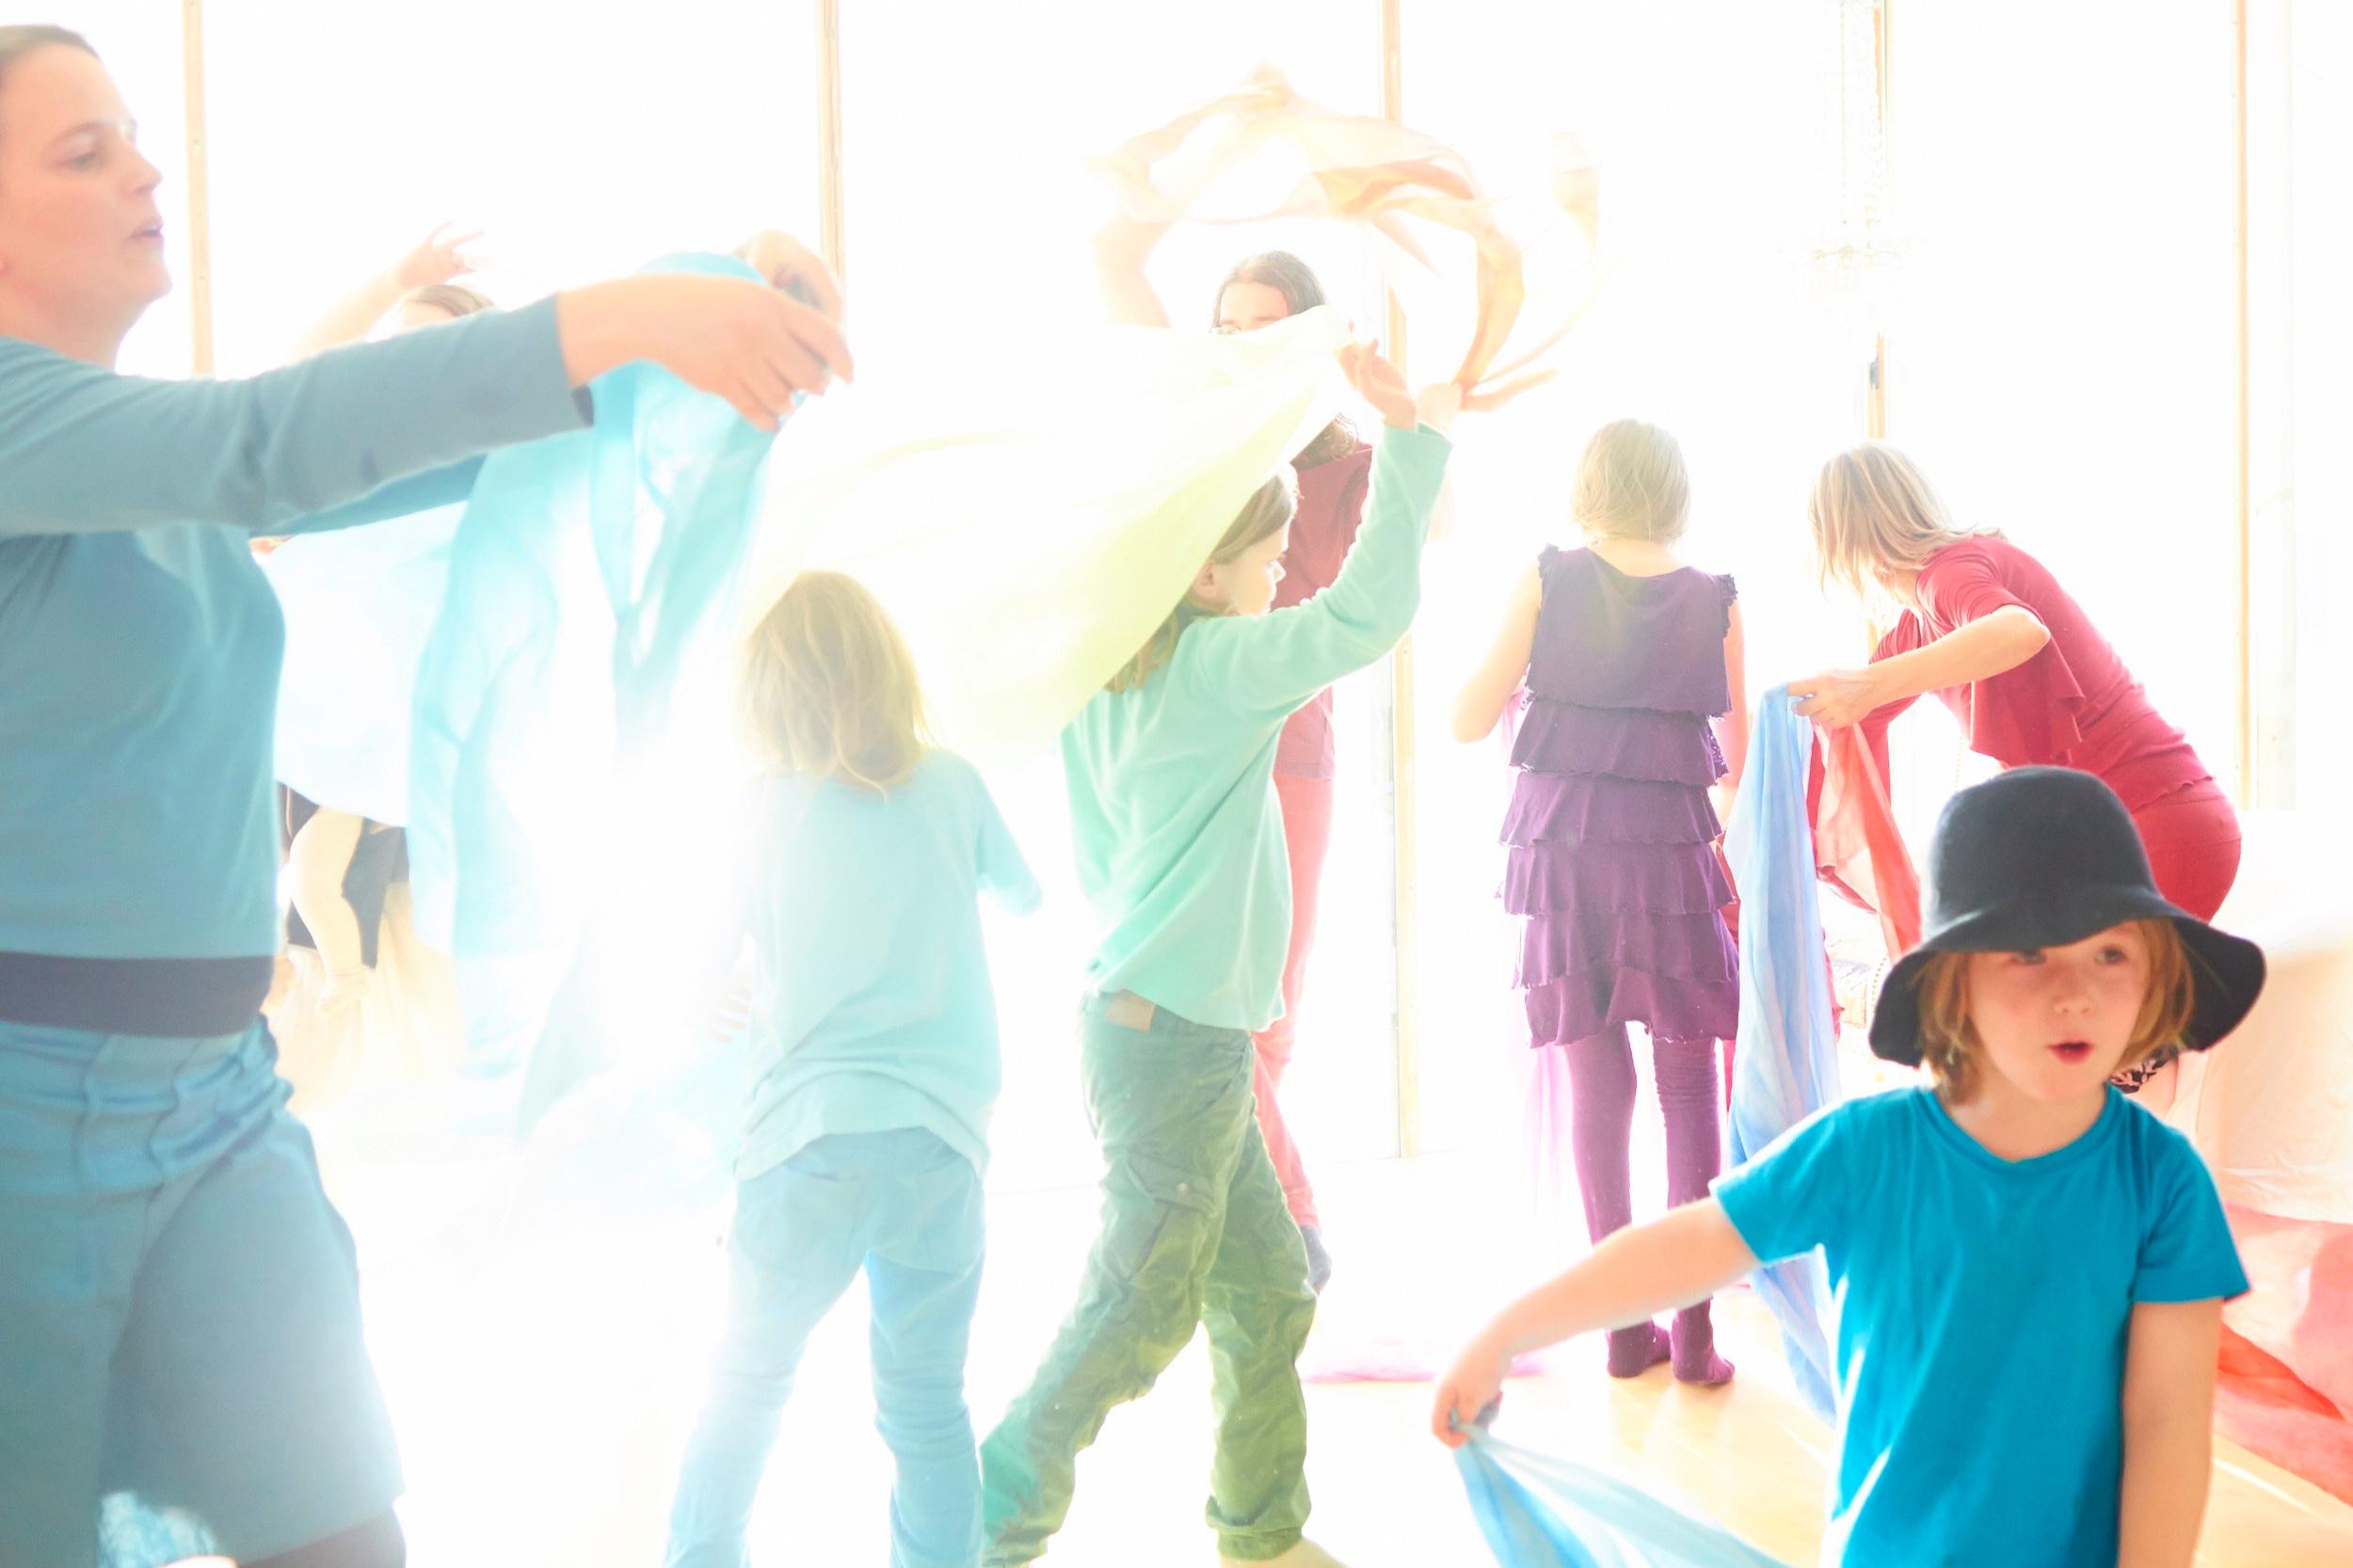 ÄVENTYRSDANS - Med inspiration från sagor och berättelser ger vi oss ut på ett spännande dansäventyr. Äventyrsdans är ett pedagogiskt verktyg som på ett lekfullt och inspirerande sätt lockar till rörelse och kreativitet. Workshopen erbjuder lärarna inspiration och redskap att arbeta vidare med klassen. Vi anpassar gärna upplägget efter kursplanen och aktuellt tema i undervisningen.